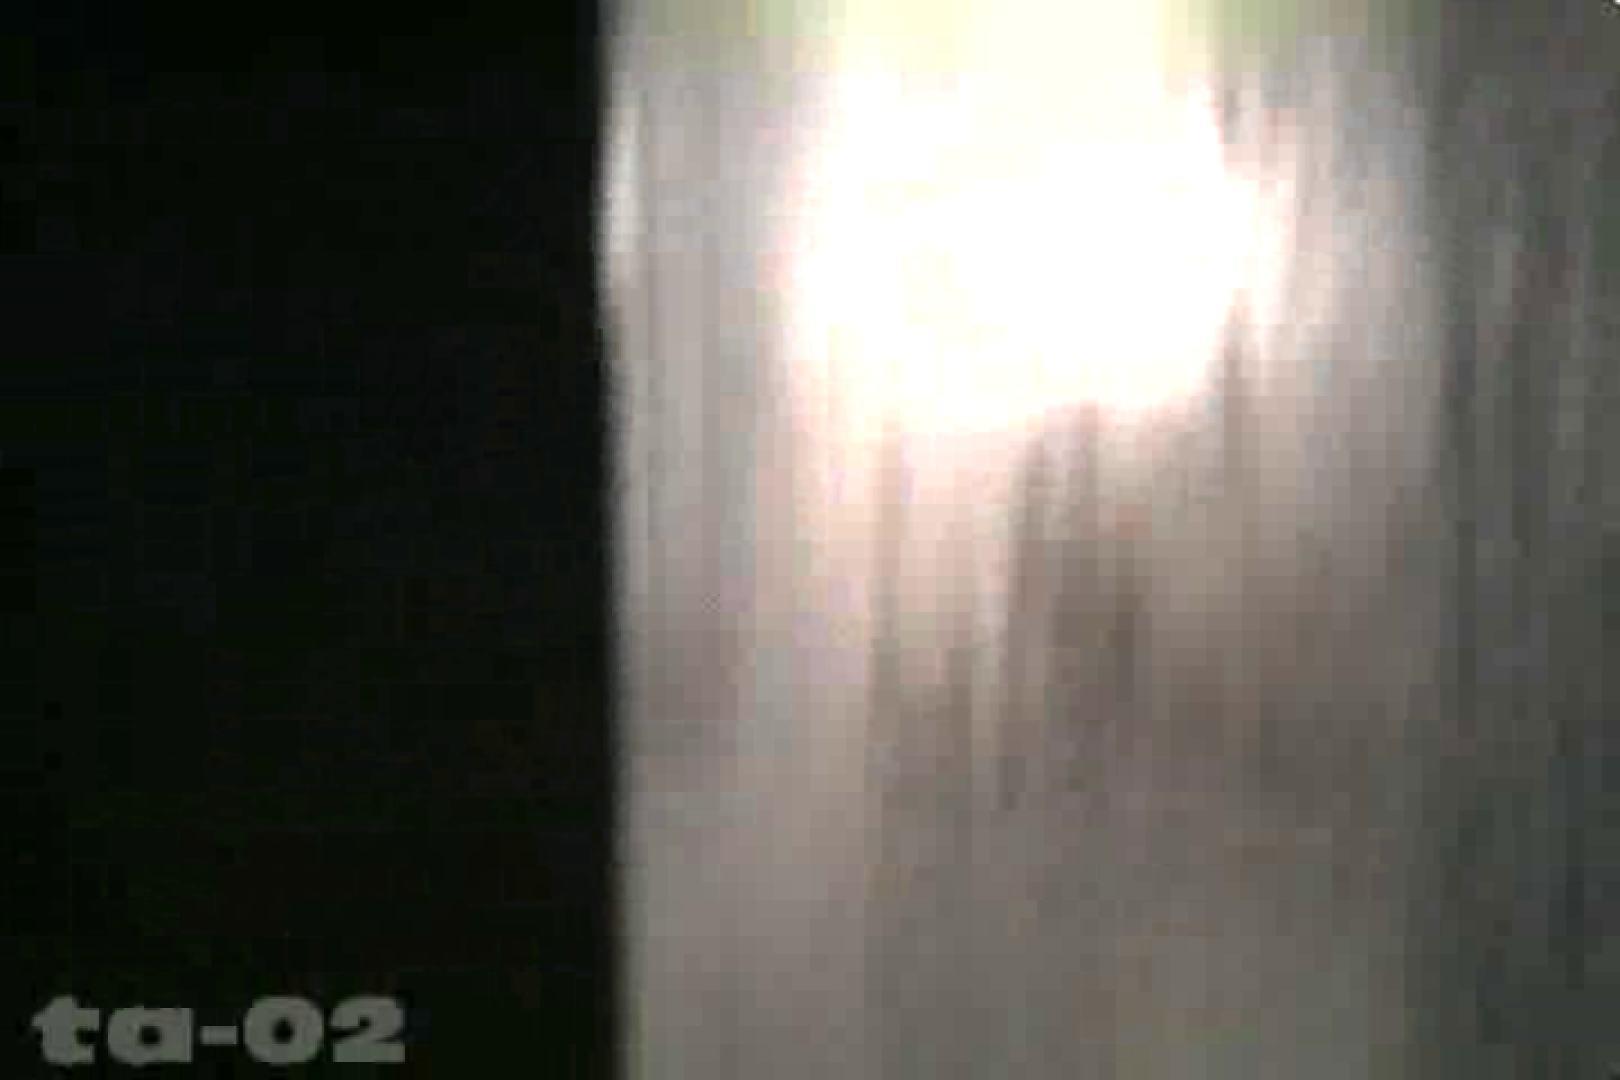 合宿ホテル女風呂盗撮高画質版 Vol.02 盗撮・必見 おまんこ無修正動画無料 78画像 7